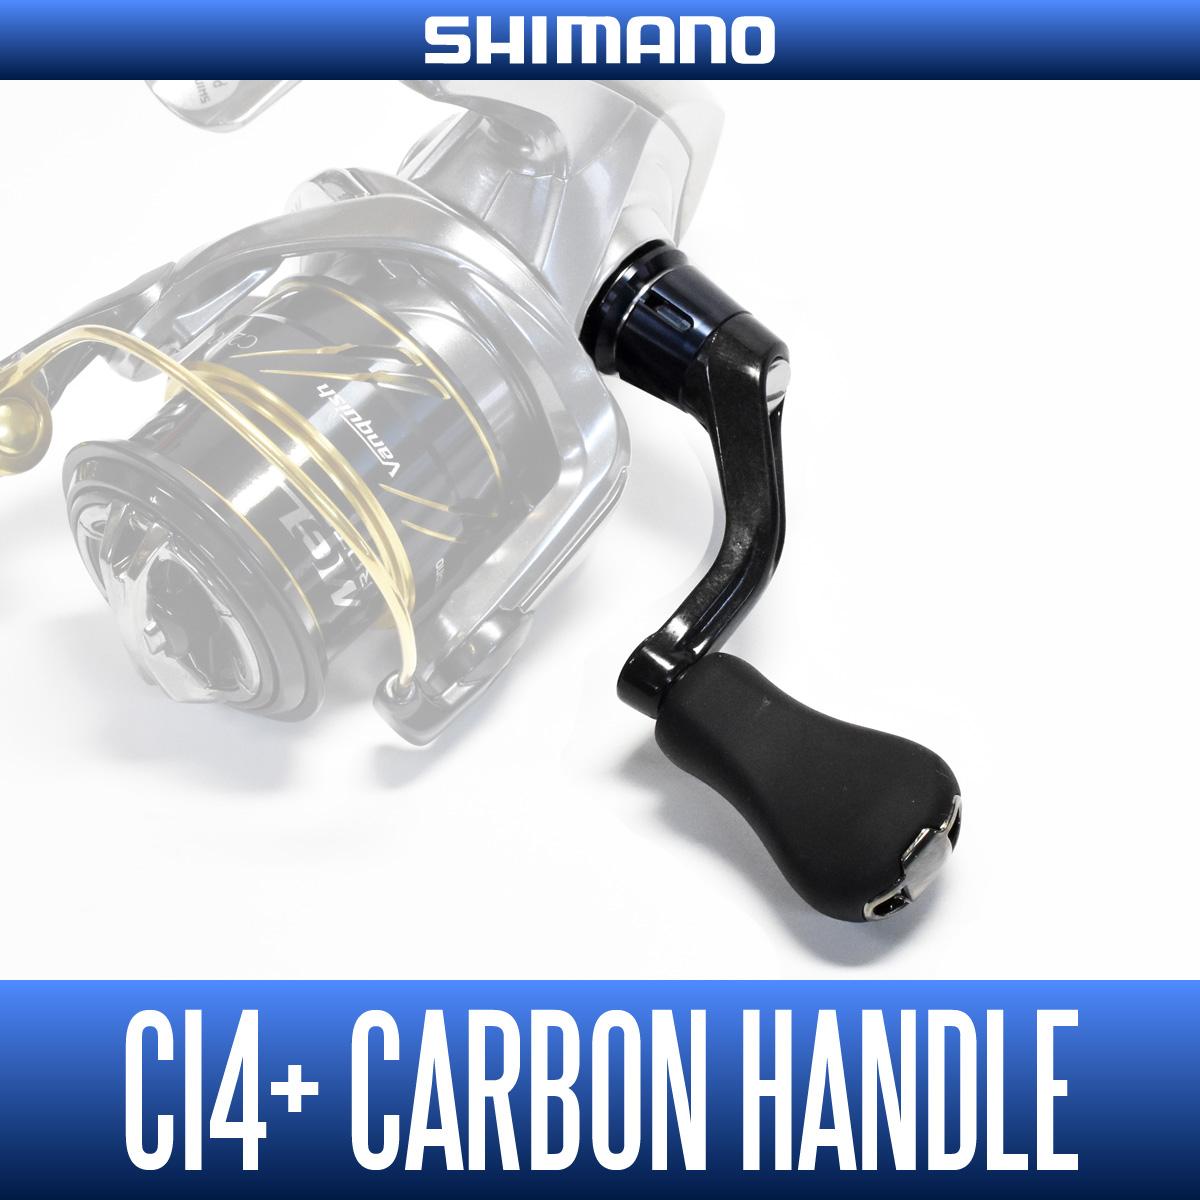 【シマノ純正】 CI4+シングルカーボンハンドル